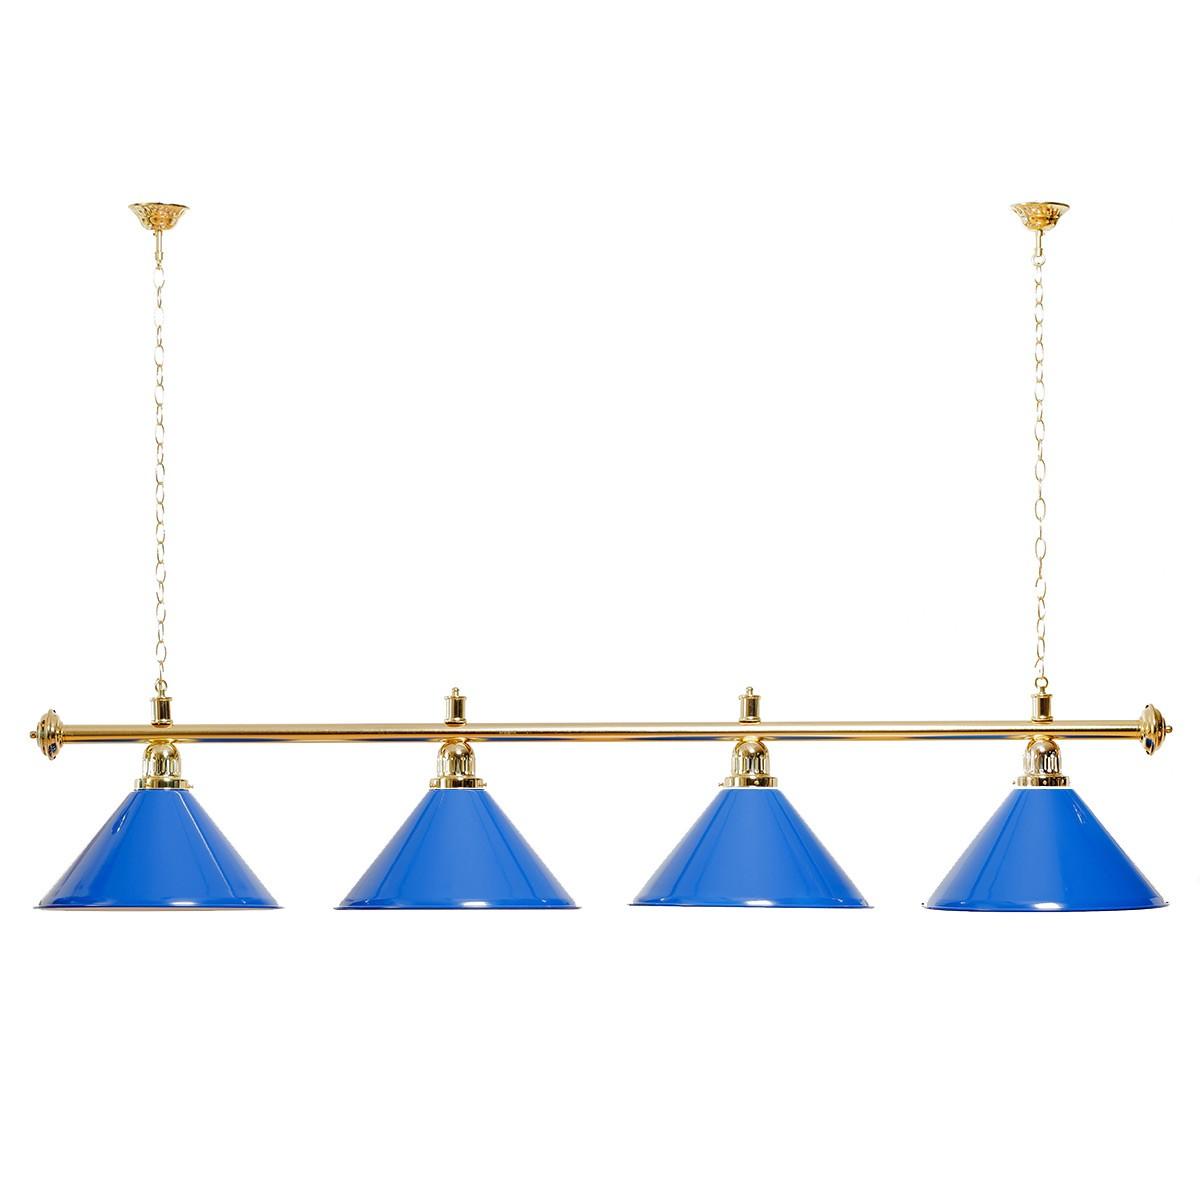 Billard Lampe 4 Schirme blau / goldfarbene Halterung